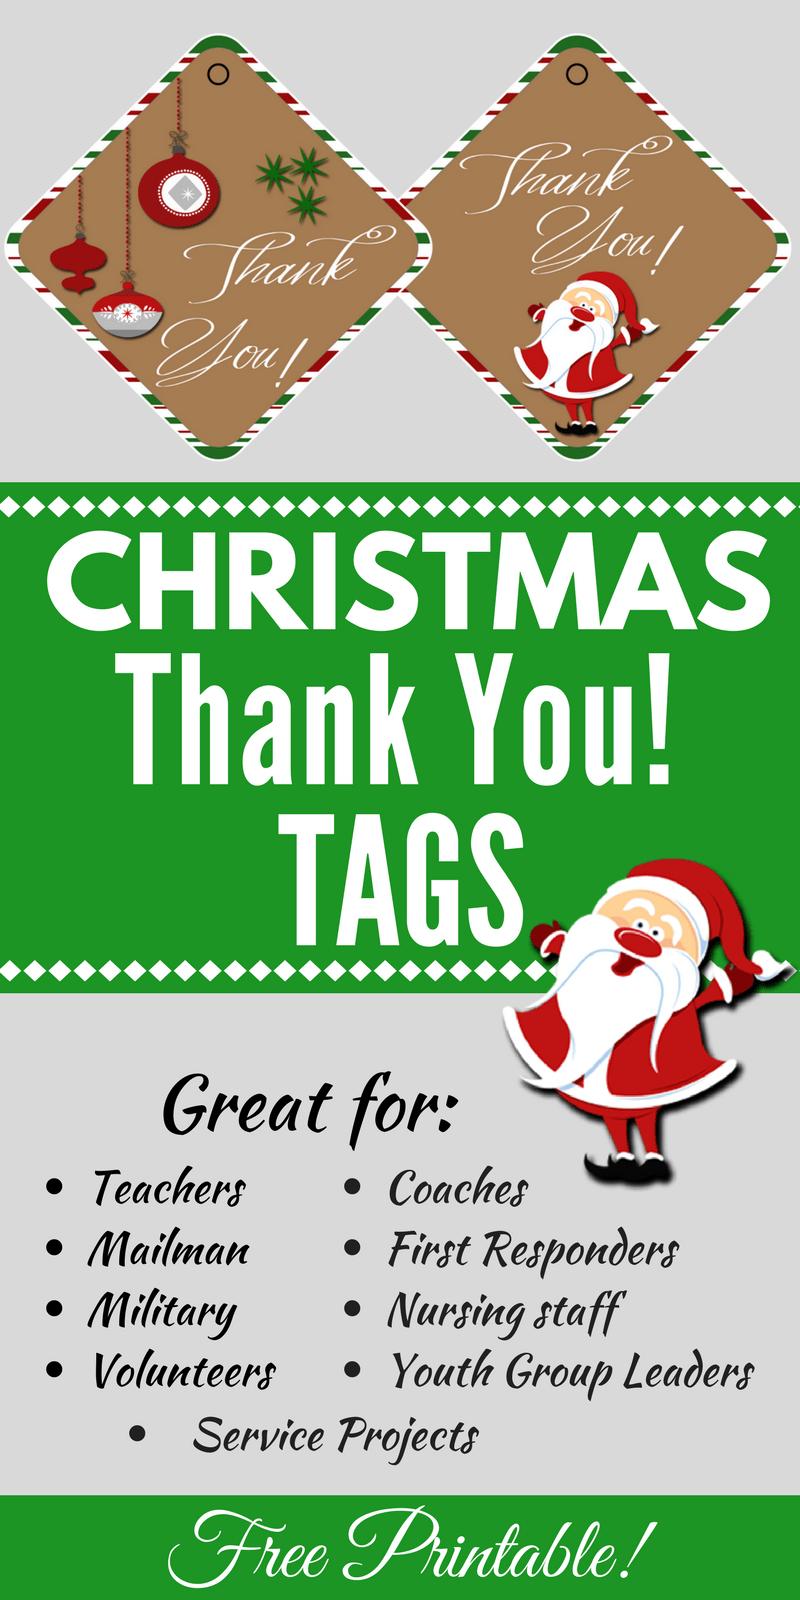 Christmas Thank You Tags Free Printable | Christmas - Food, Crafts - Free Printable Christmas Food Labels